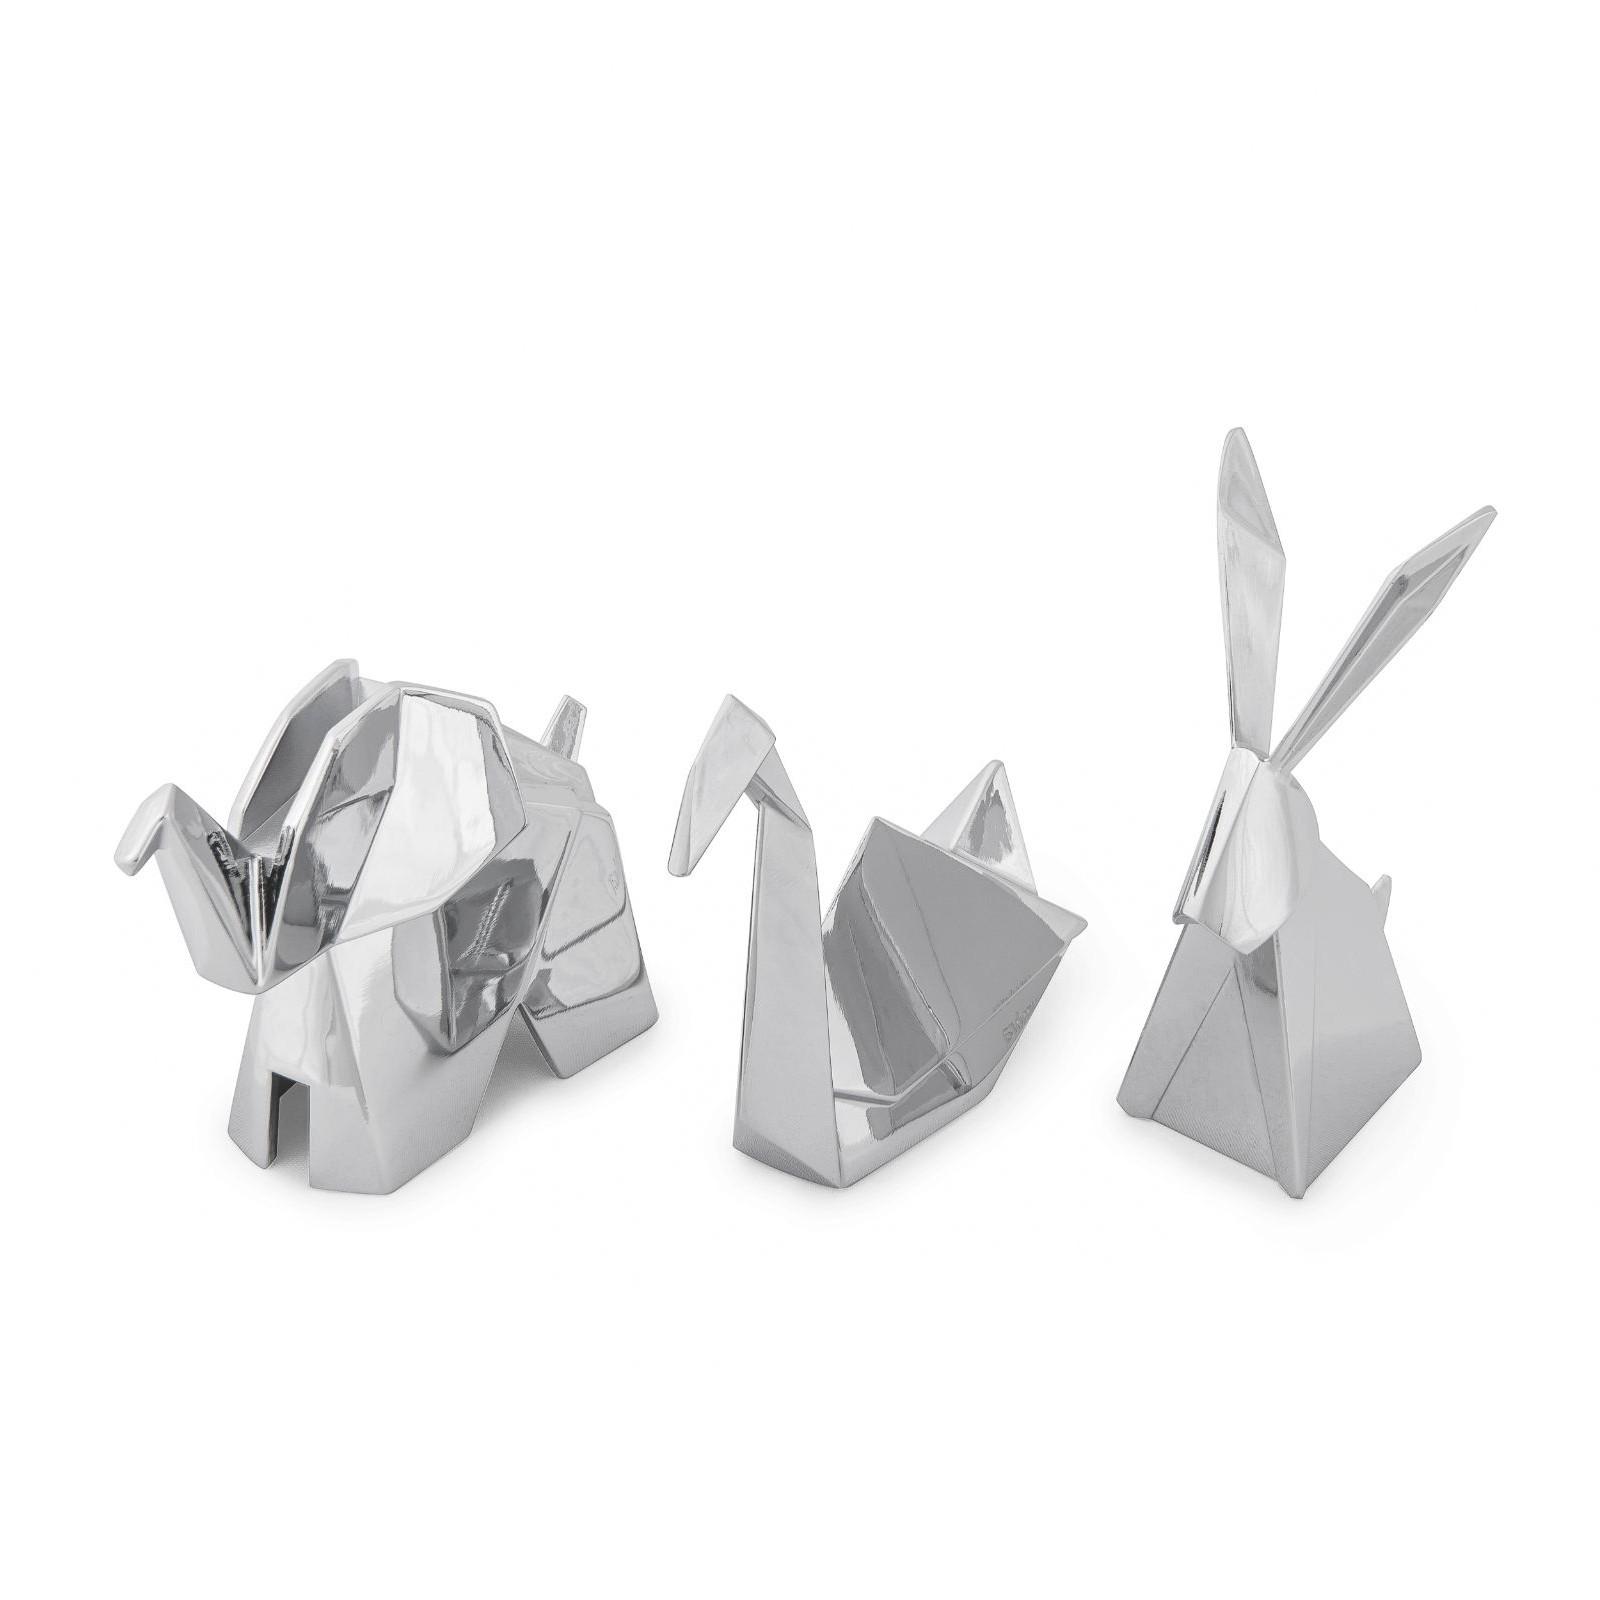 Θήκη Δαχτυλιδιών Origami Σετ των 3 (Χρώμιο) - Umbra